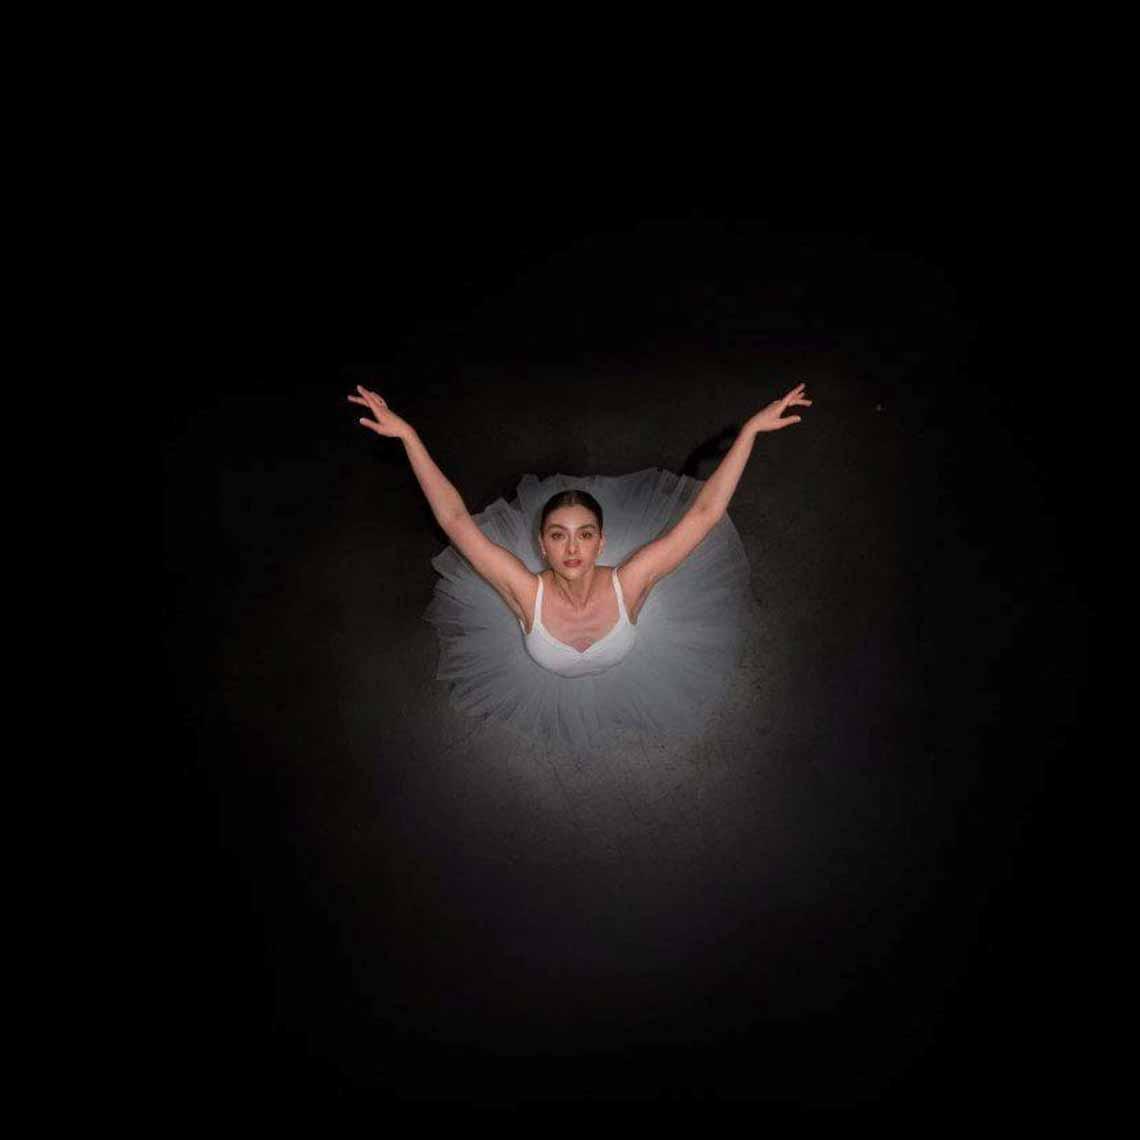 Vẻ đẹp của vũ công múa ballet qua góc chụp từ trên cao -8